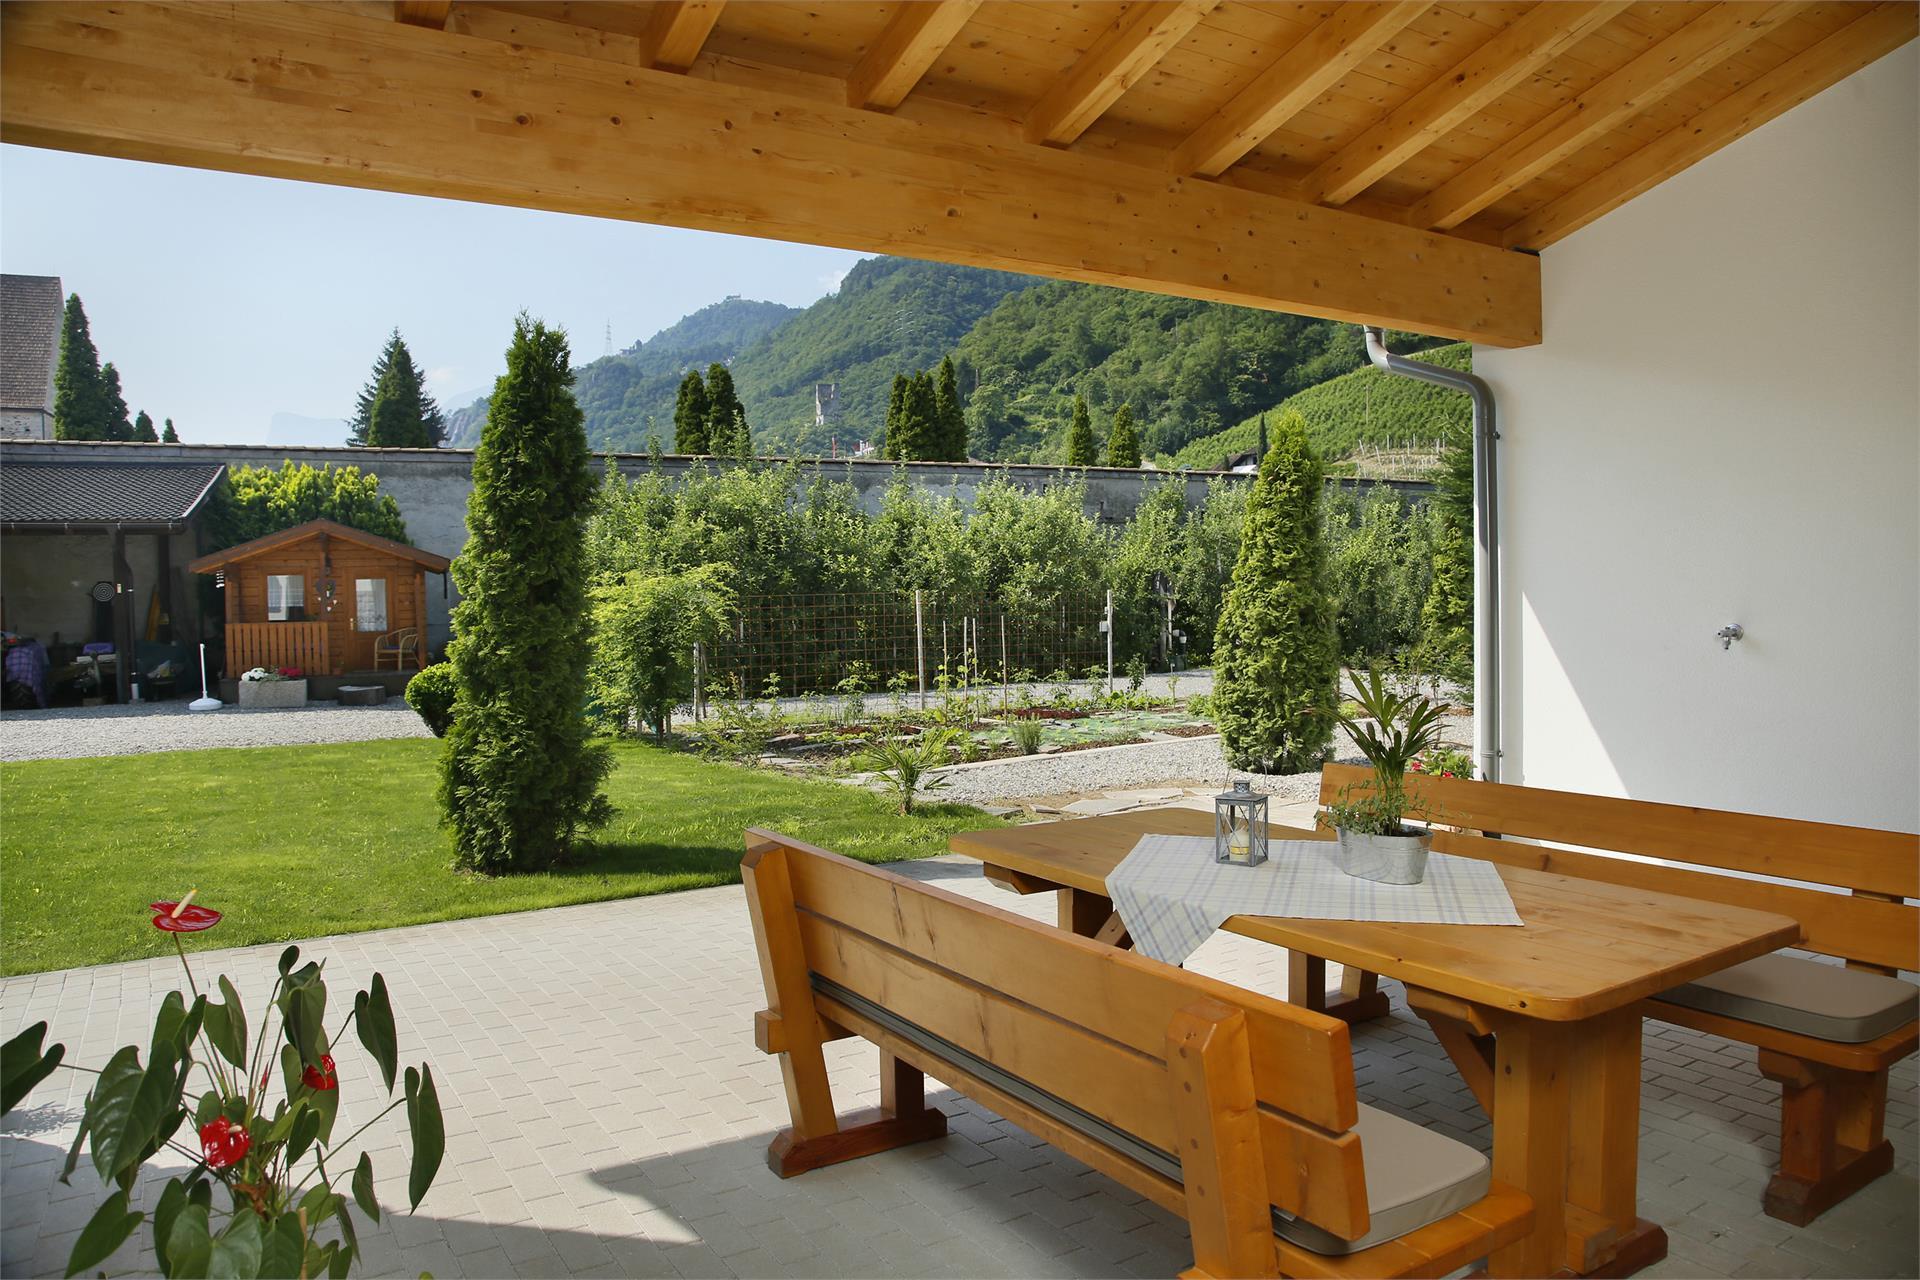 Haus Rosenegg terrace